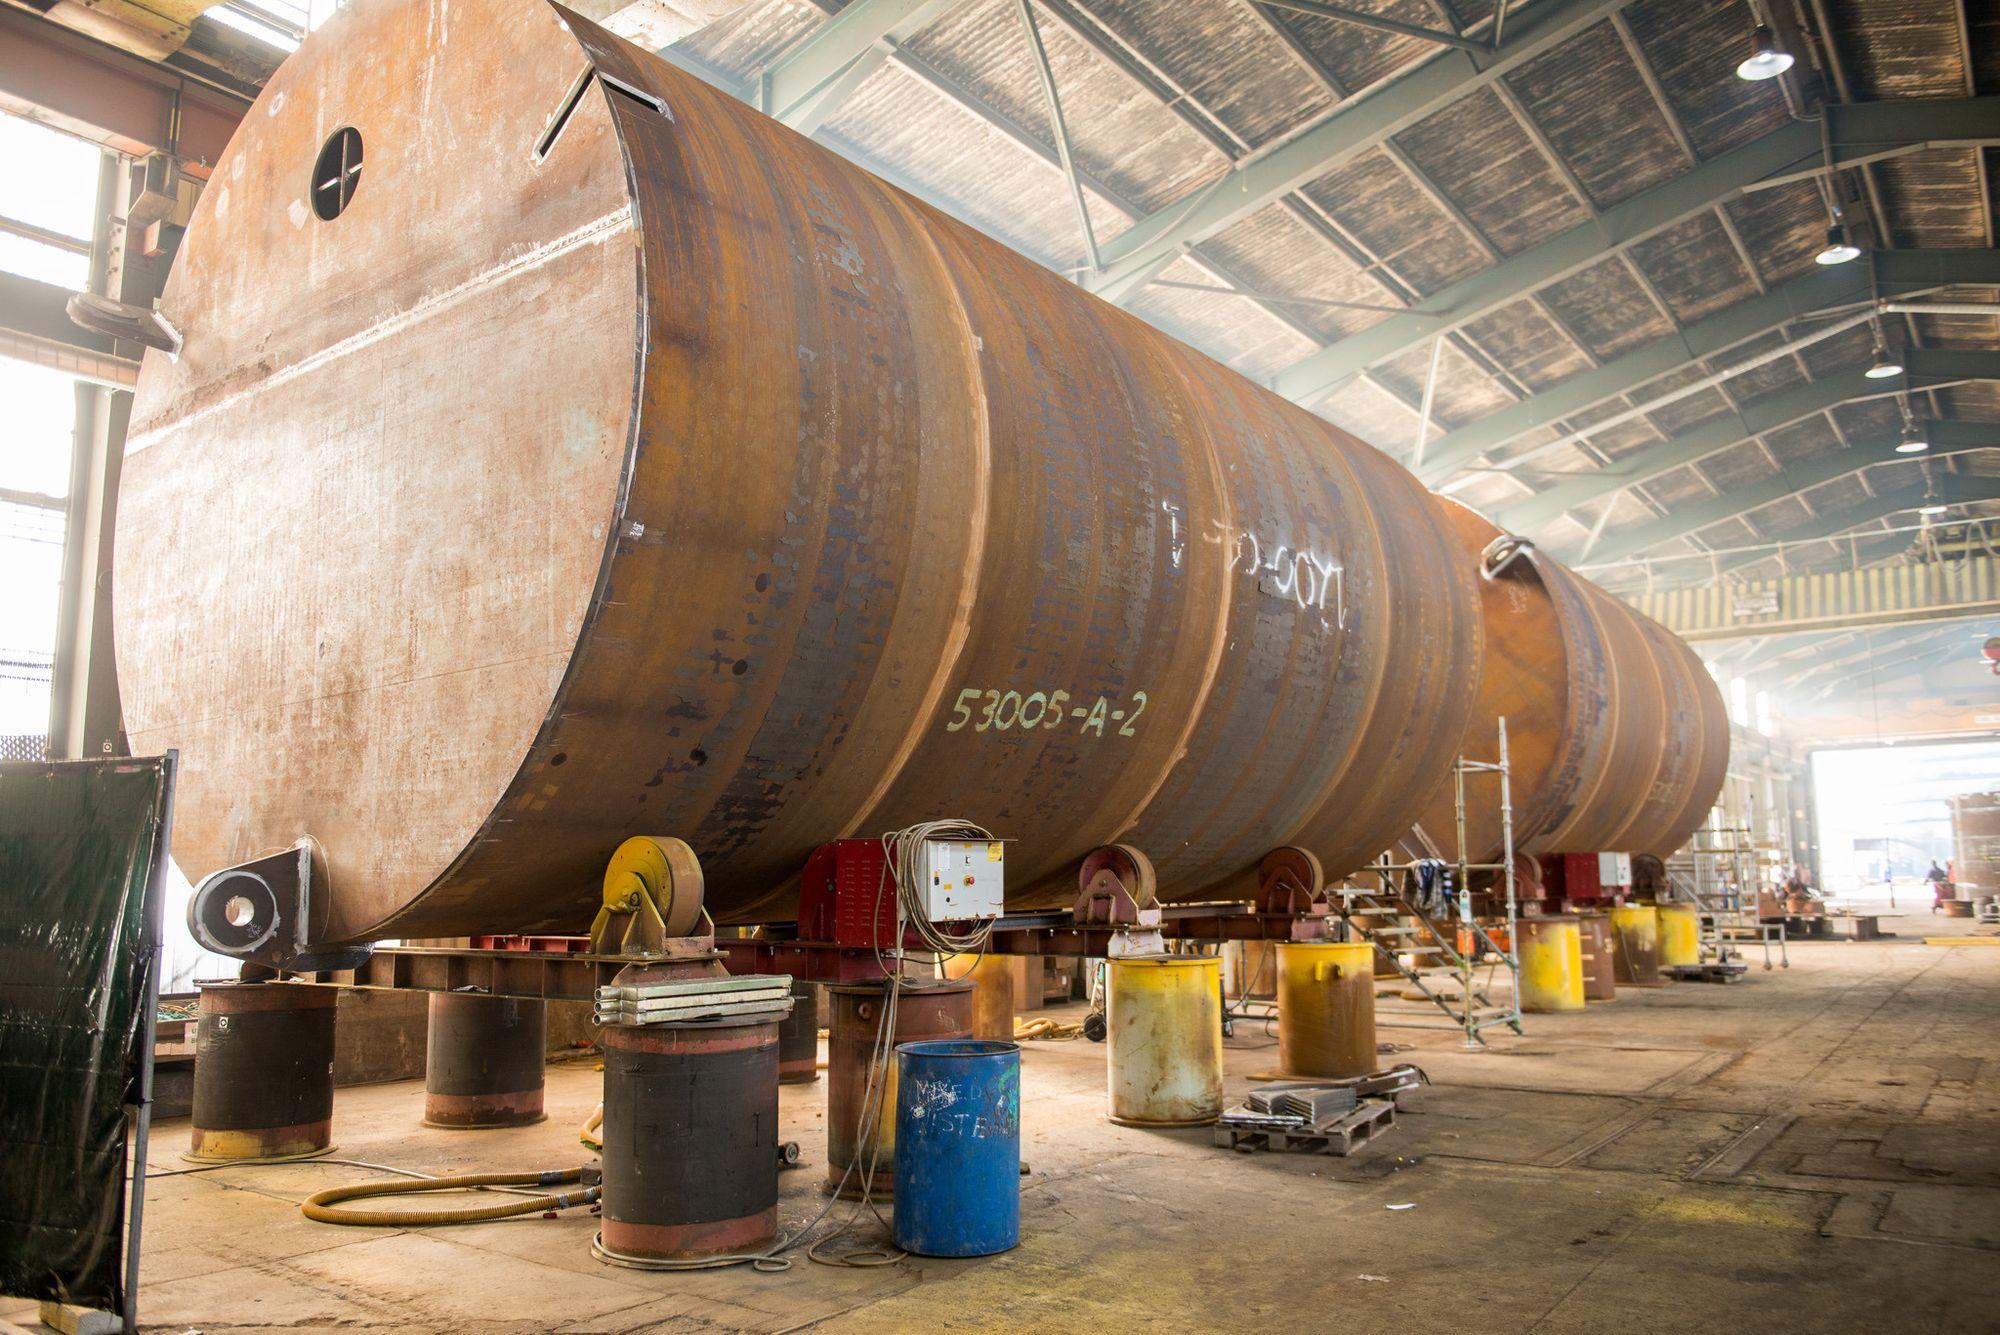 Dette er et av tre sugeankre som skal holde en av de fem 11.500 tonn tunge Hywind-vindmøllene fast på havbunnen utenfor Aberdeen i Skotland. Ankeret produseres i øyeblikket ved Isleburn Ltd. i Inverness i Scotland.